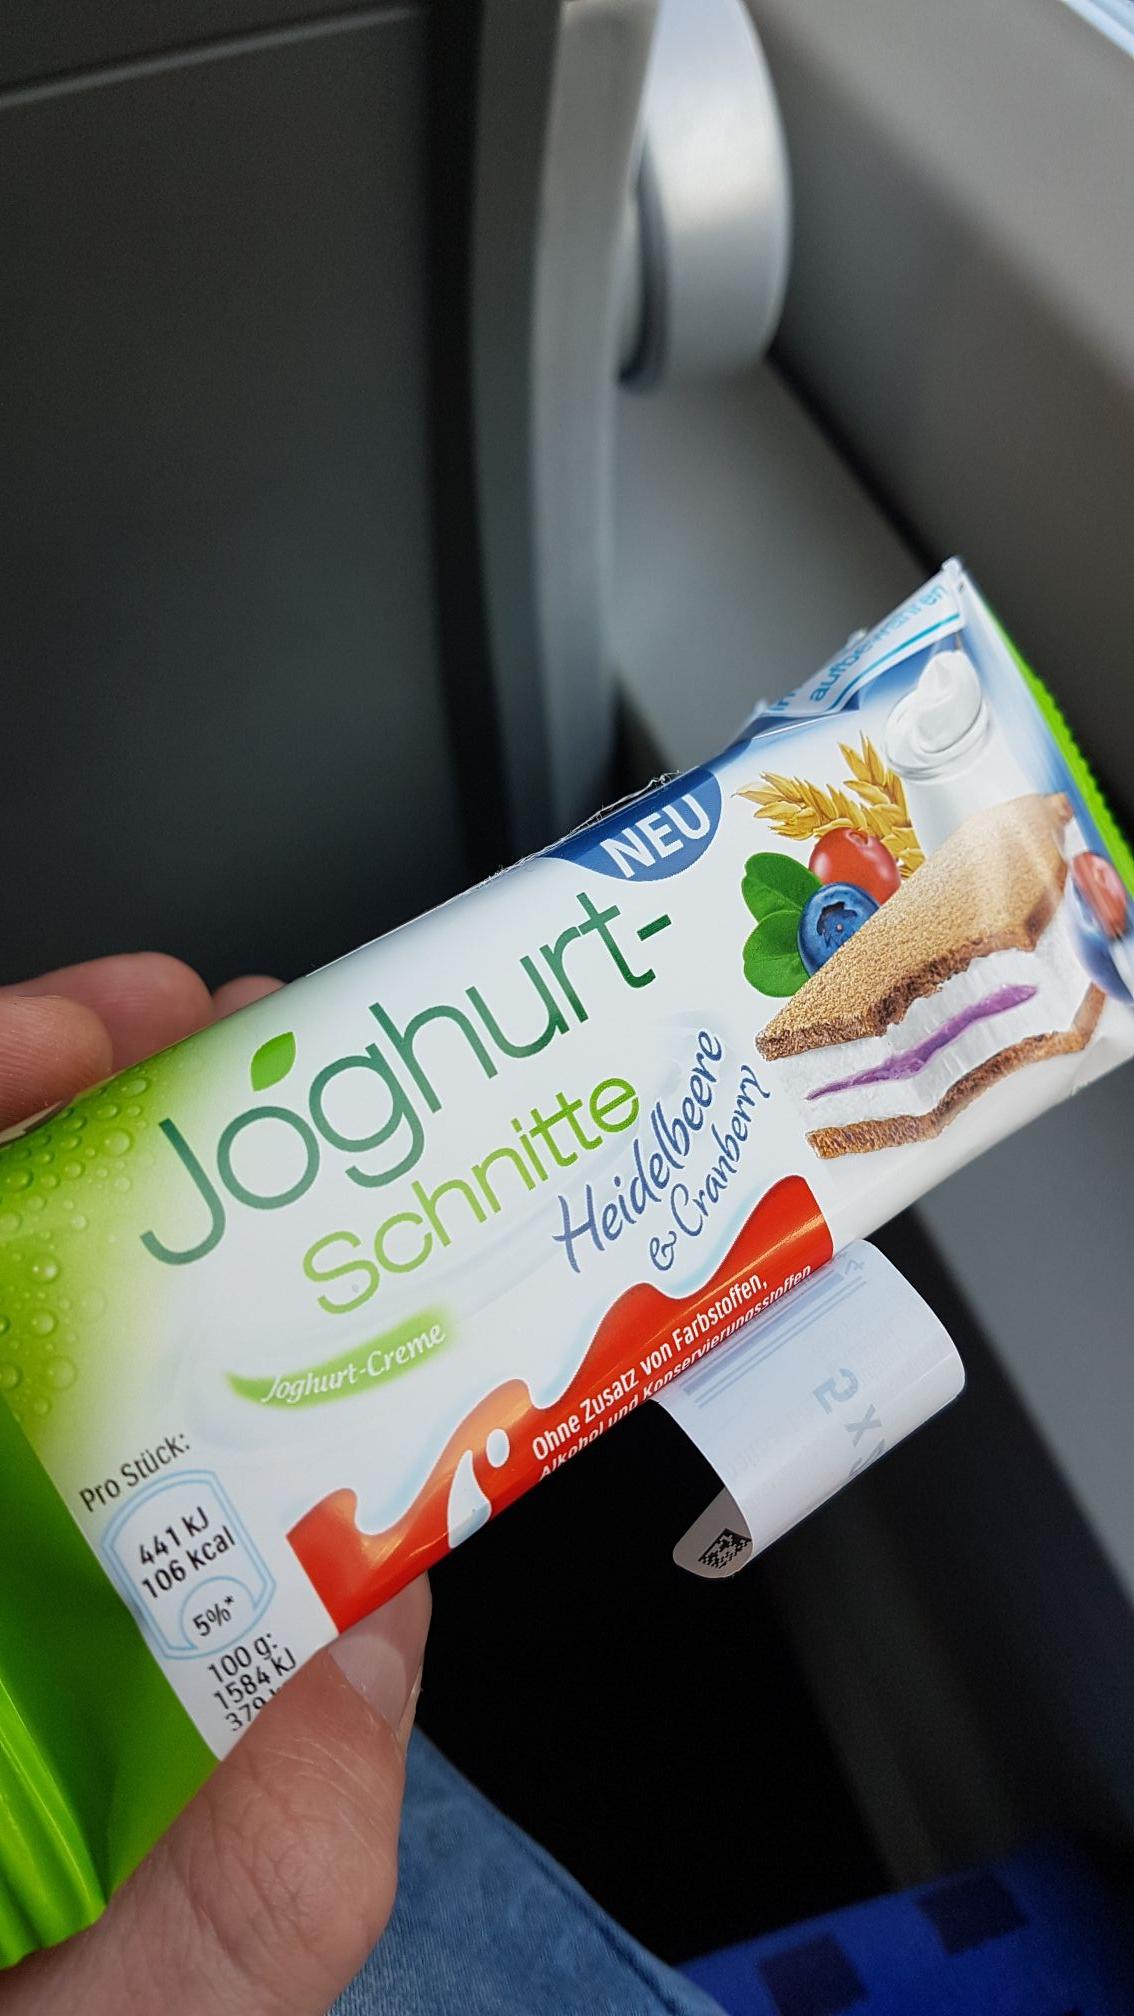 [Lokal] Joghurtschnitte kostenlos probieren Würzburg Hauptbahnhof